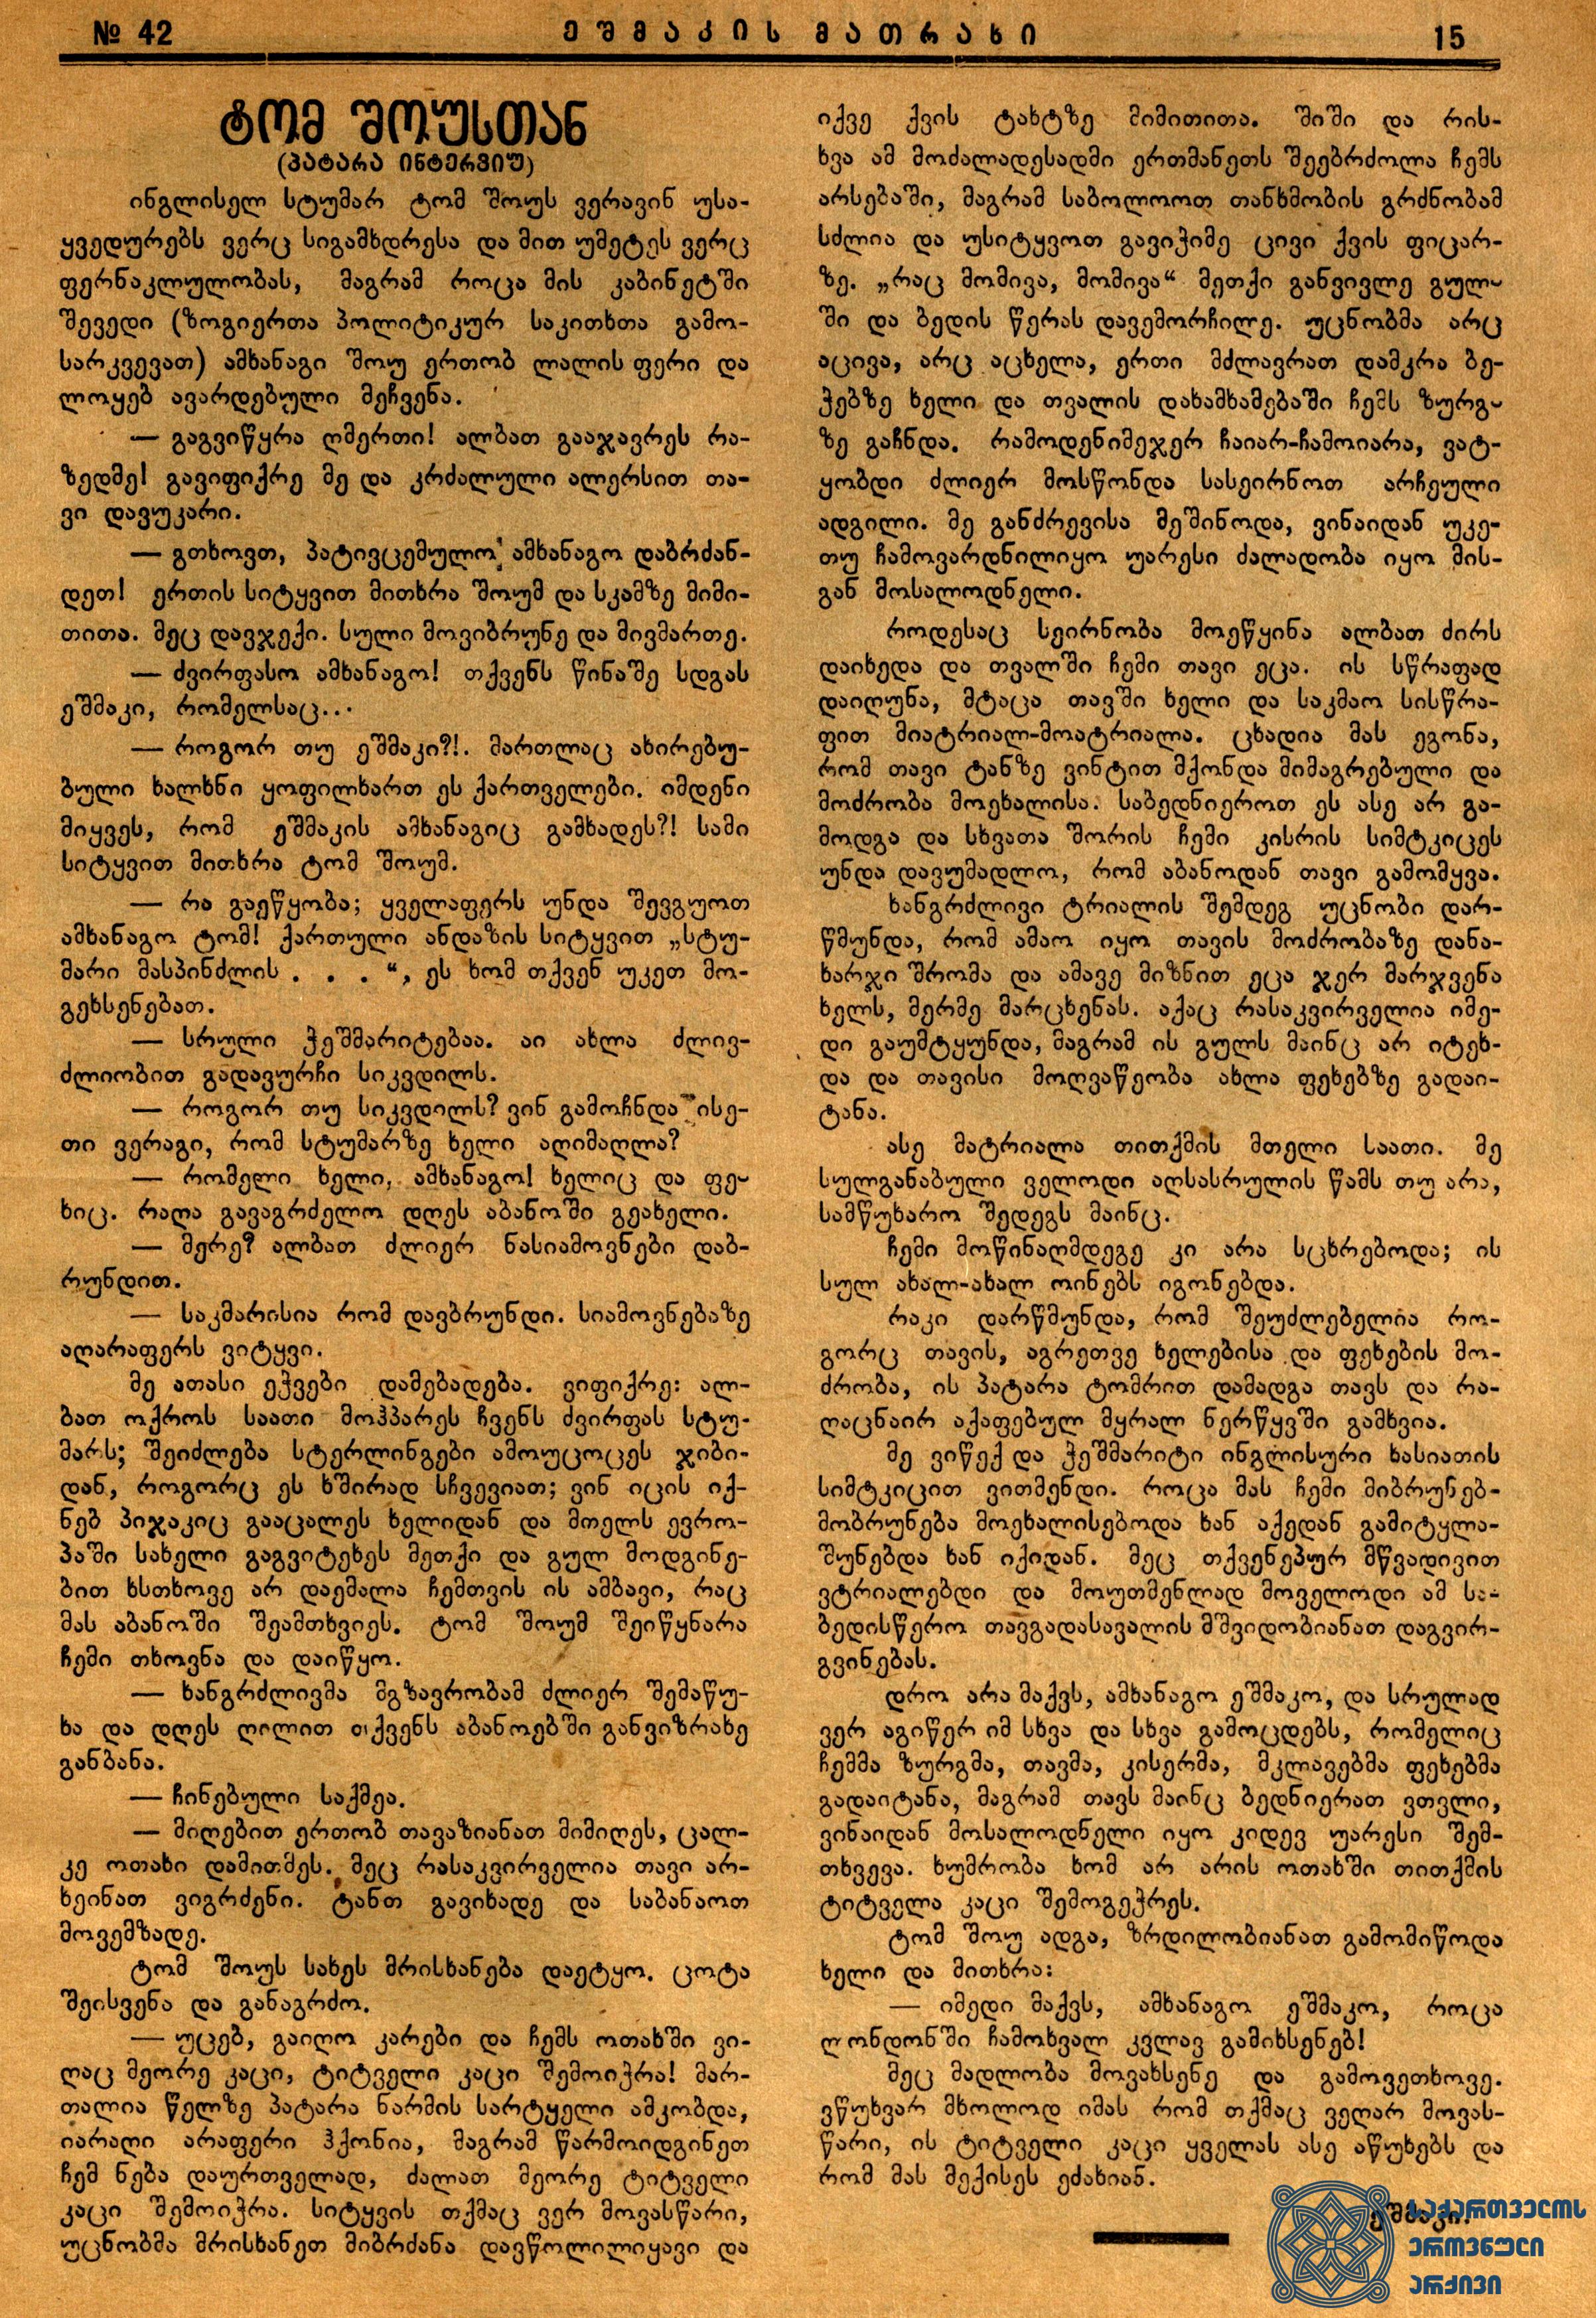 """იუმორისტული გაზეთის ,,ეშმაკის მათრახის"""" კორესპონდენტ ,,ეშმაკის"""" გამოგონილი ინტერვიუ სოციალისტური ინტერნაციონალის დელეგატ თომას შოუსთან. გაზეთი """"ეშაკის მათრახი"""", 1920 წლის 26 სექტემბერი. <br> Fictional Interview of the correspondent """"Eshmaki"""" of the comic newspaper """"Eshmakis Matrakhi"""" with Thomas Shaw, delegate of the Socialist International. The newspaper """"Eshmakis Matrakhi"""" (Devil's Whip), September 26, 1920."""